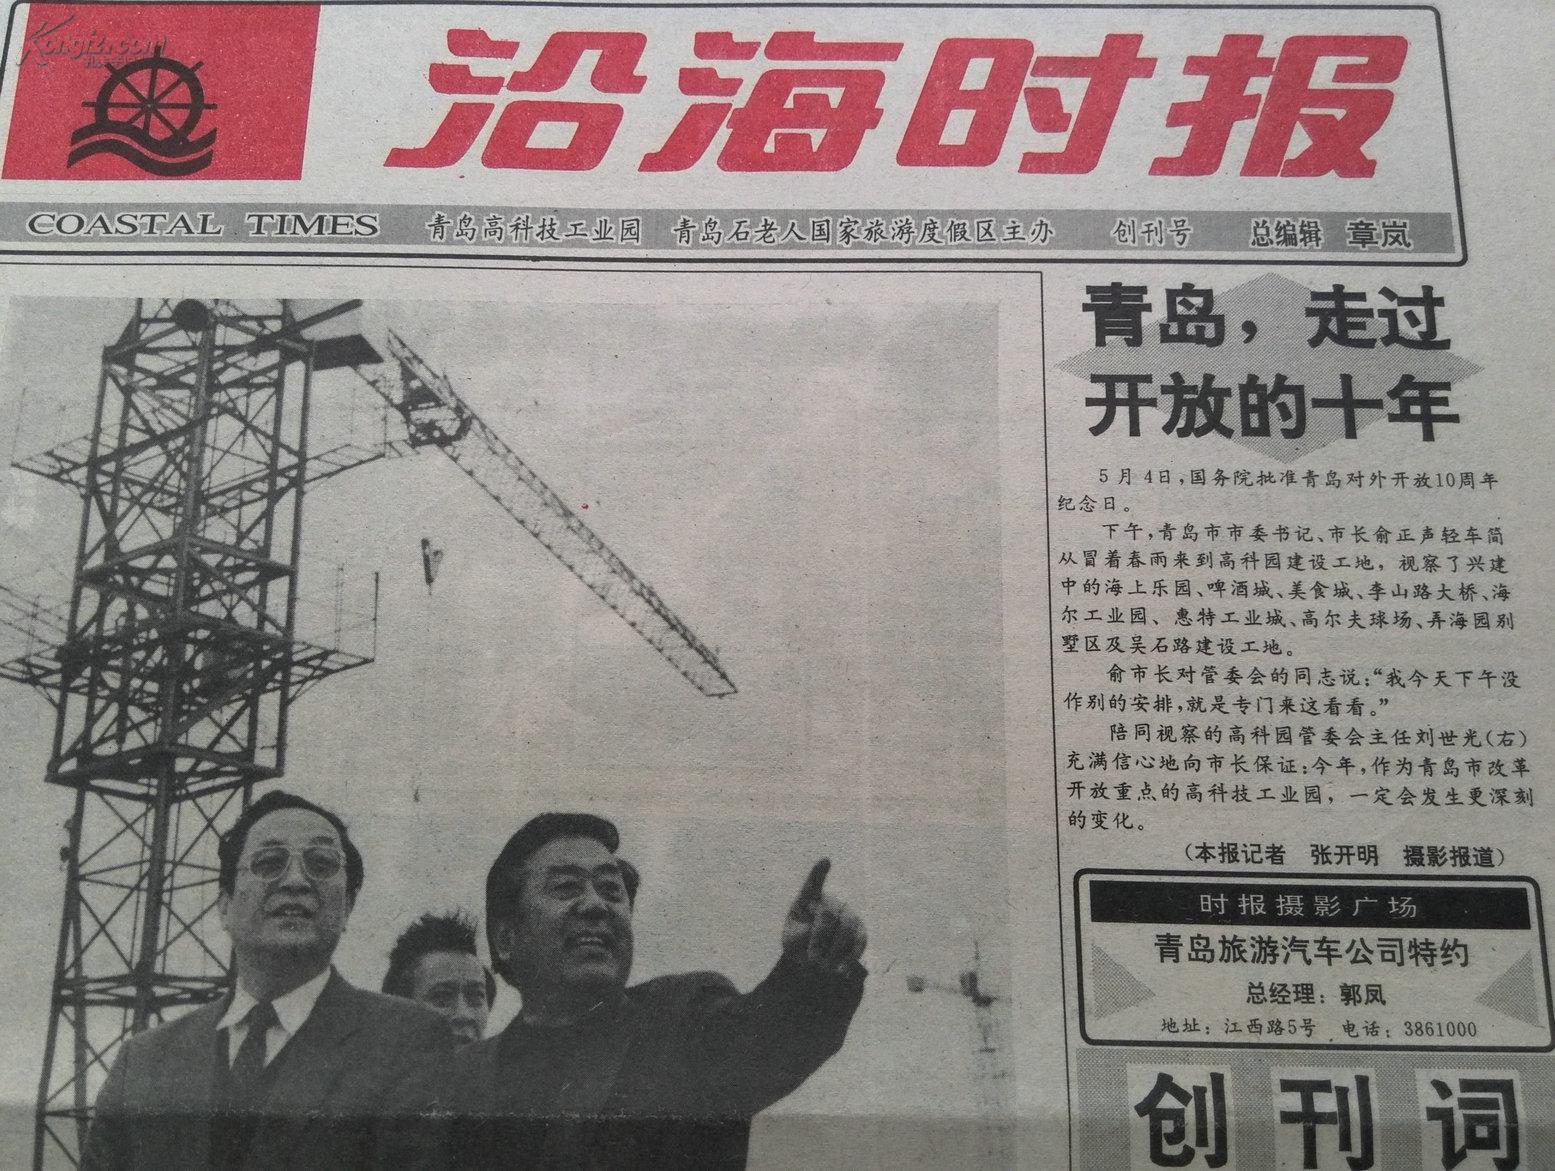 创刊号:沿海时报(俞正声时任青岛市长,照片)